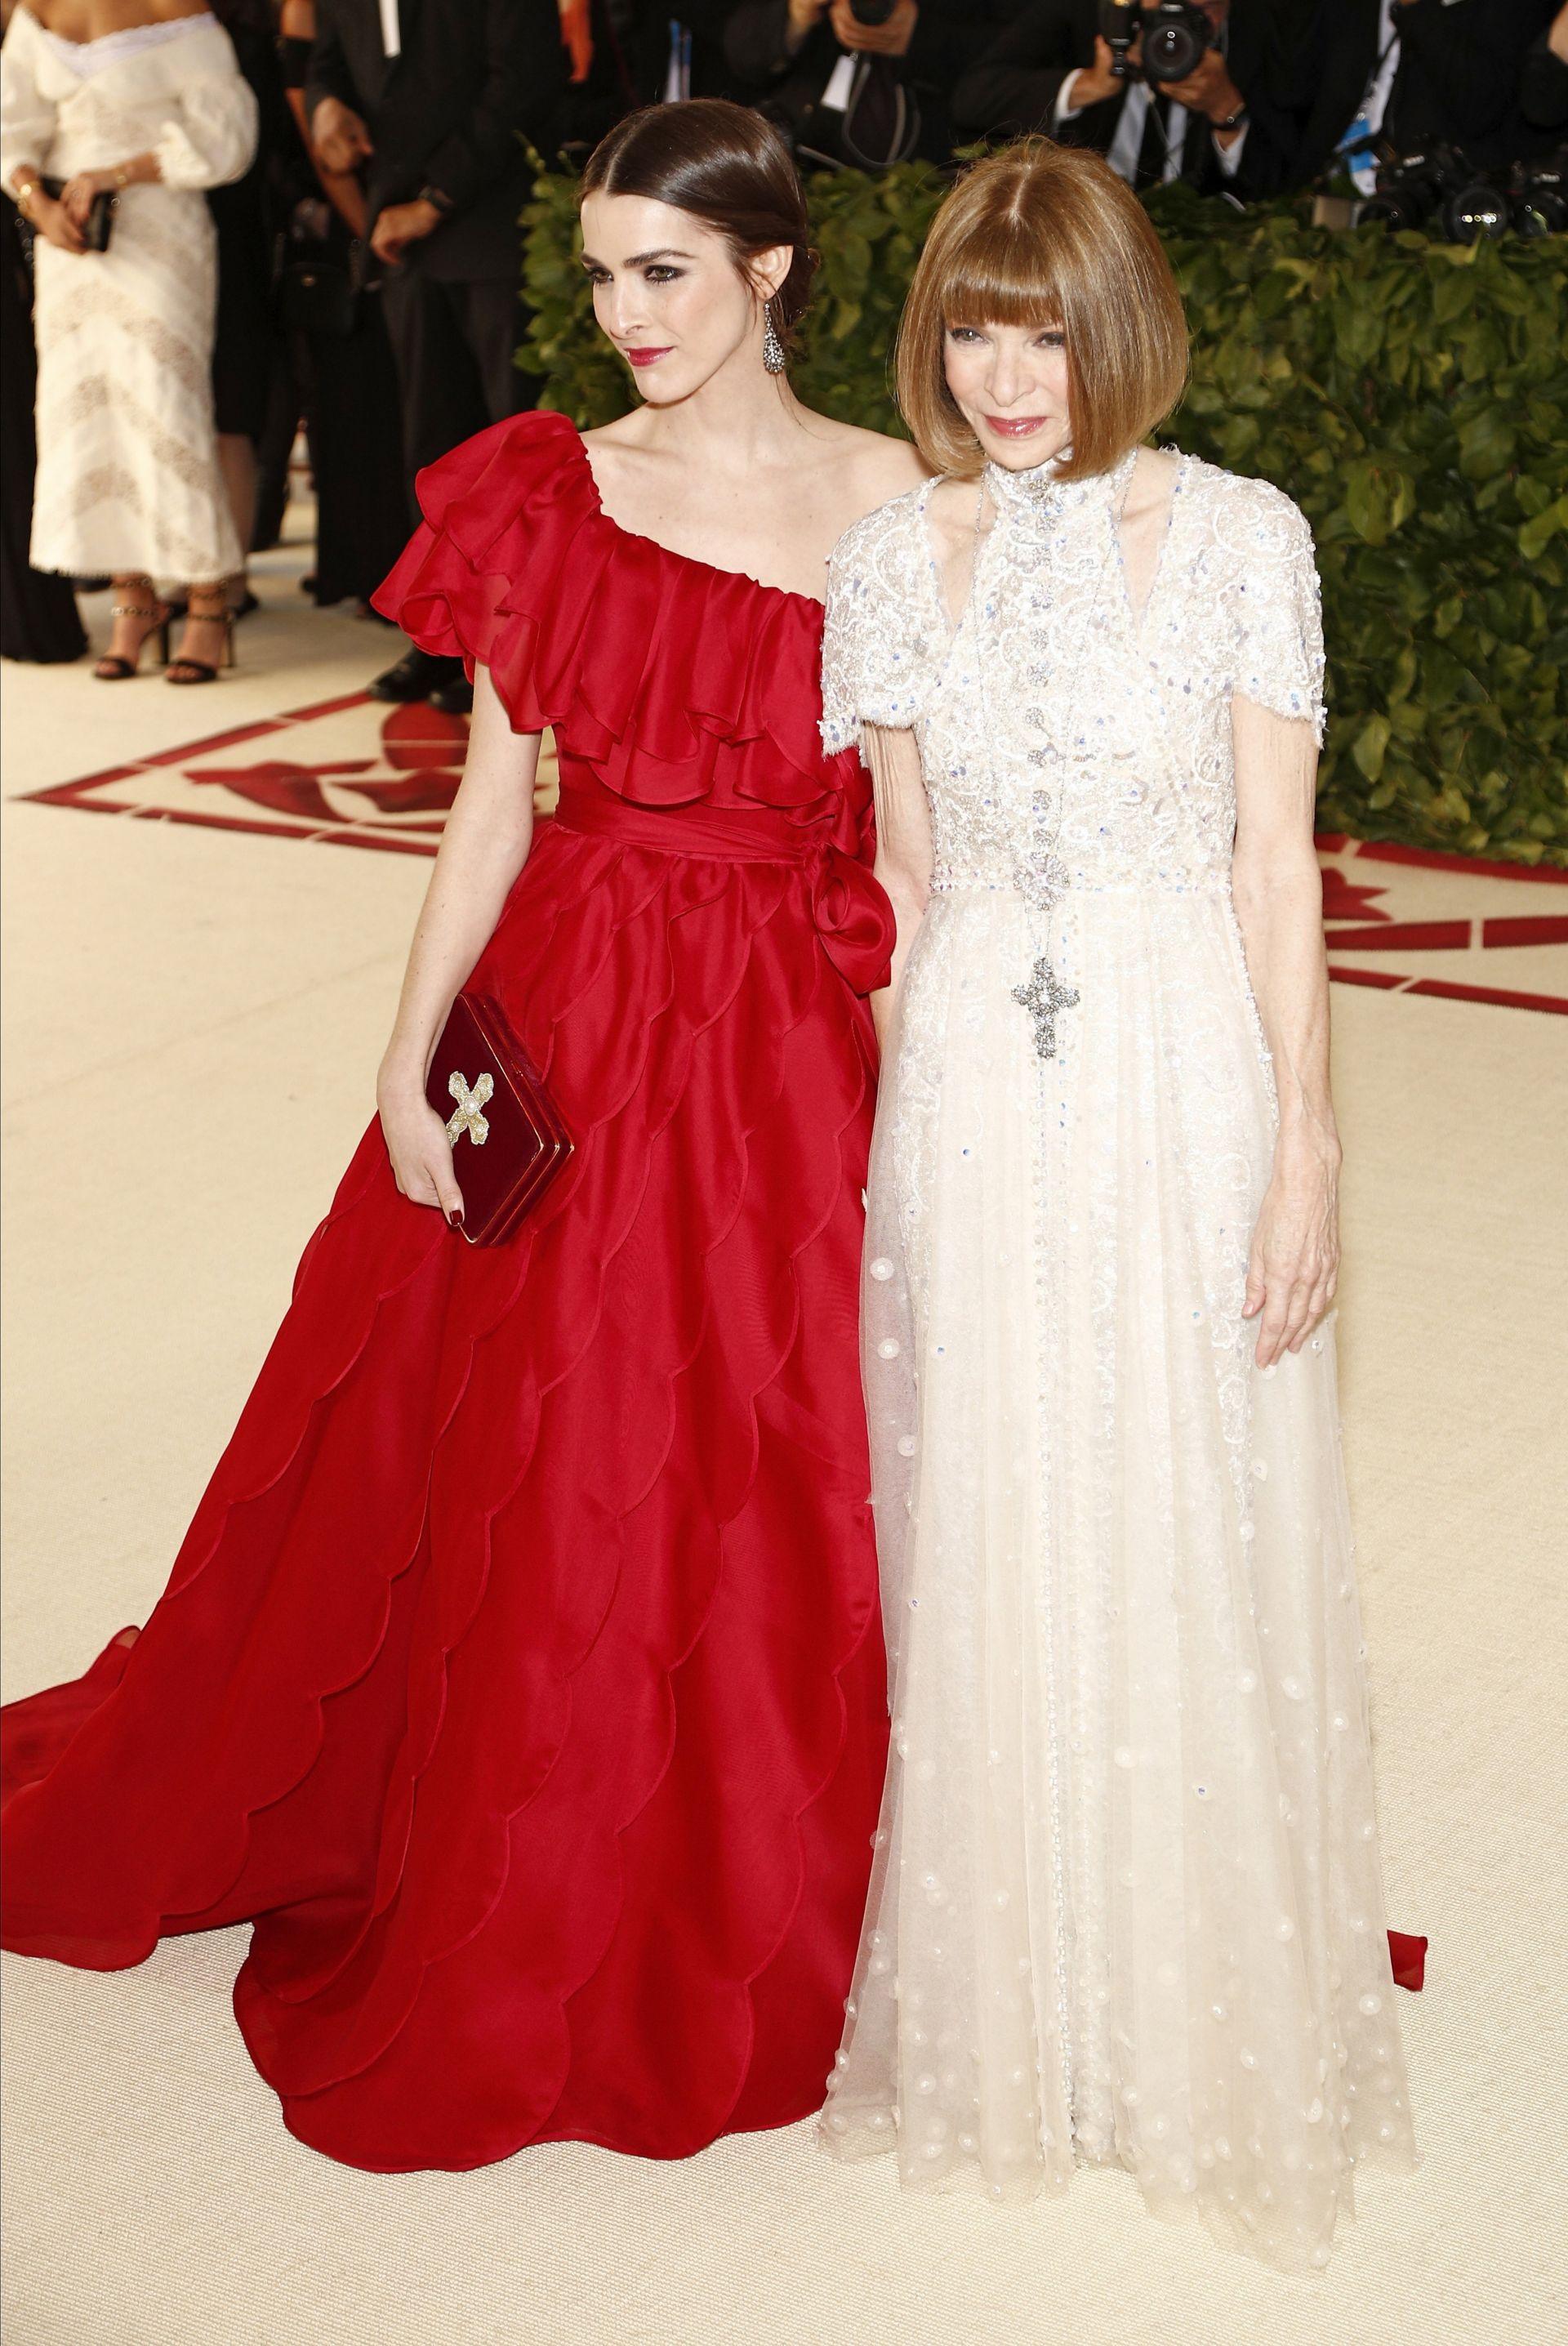 """La editora en jefe de Vogue, Anna Wintour (d), y su hija, Bee Shaffer (i), llegan a la alfombra roja del Costume Institute Gala, celebrando la inauguración de la exposición """"Cuerpos celestes: la moda y la imaginación católica"""""""